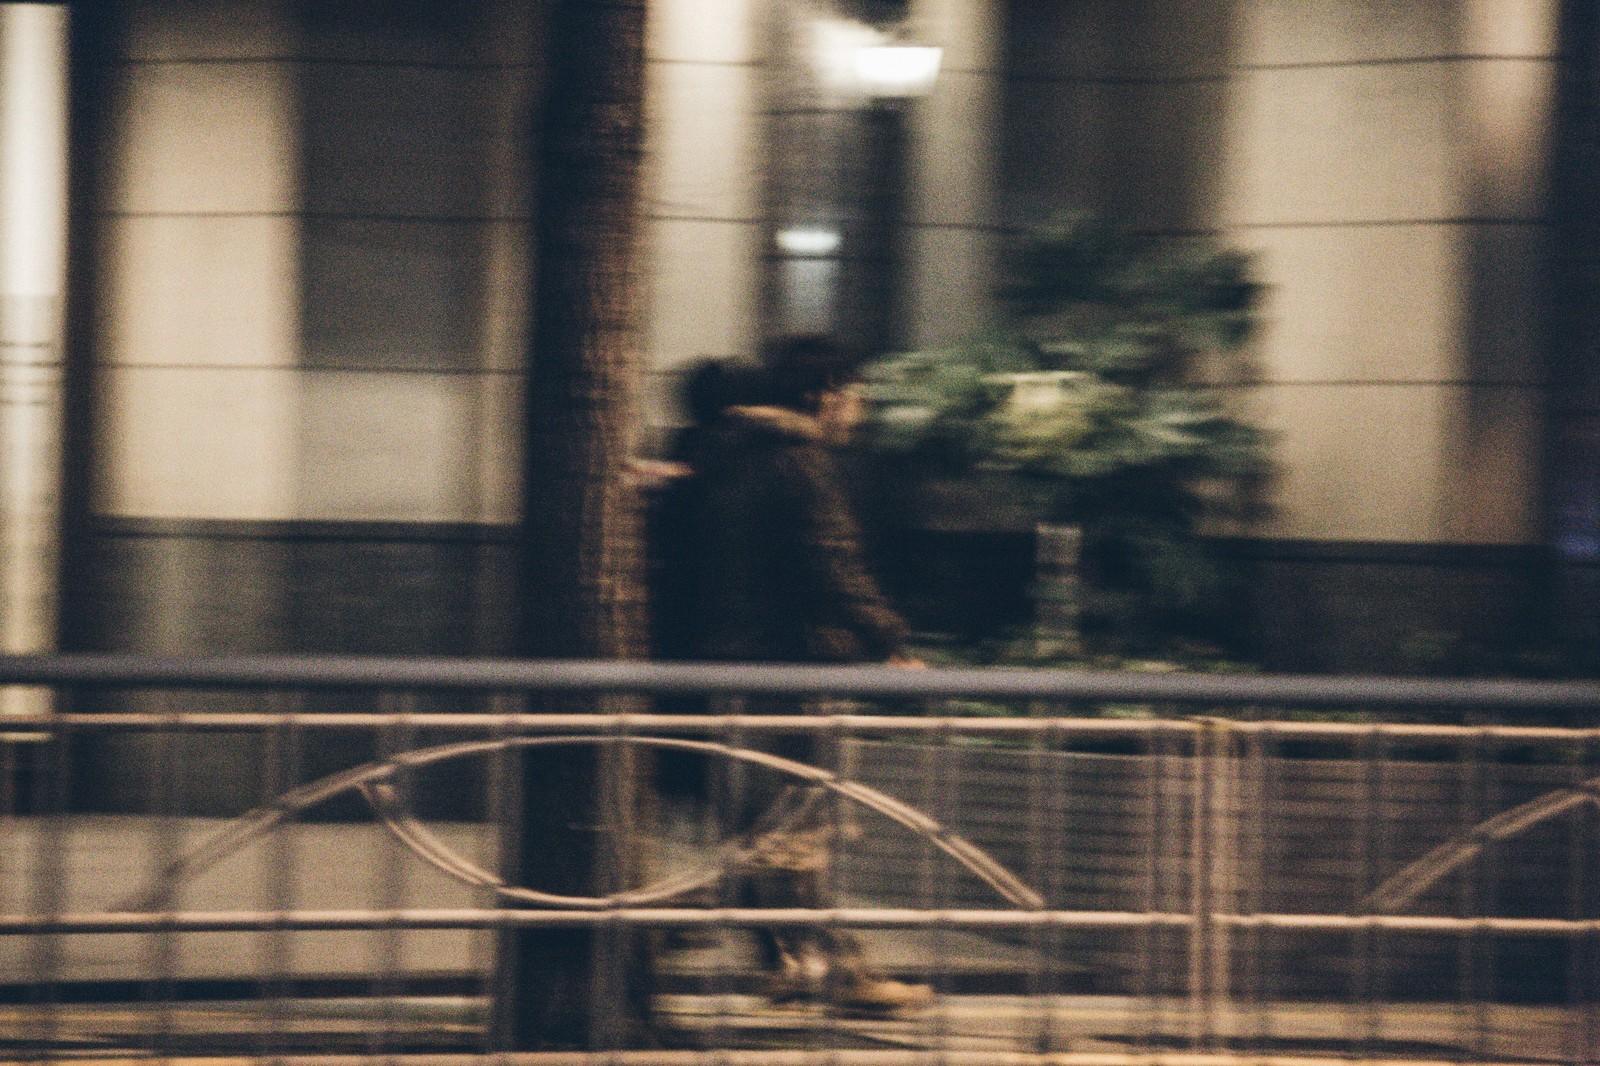 葉加瀬太郎の浮気相手は大滝裕子?年上シンガーと路チュー報道の真相のサムネイル画像